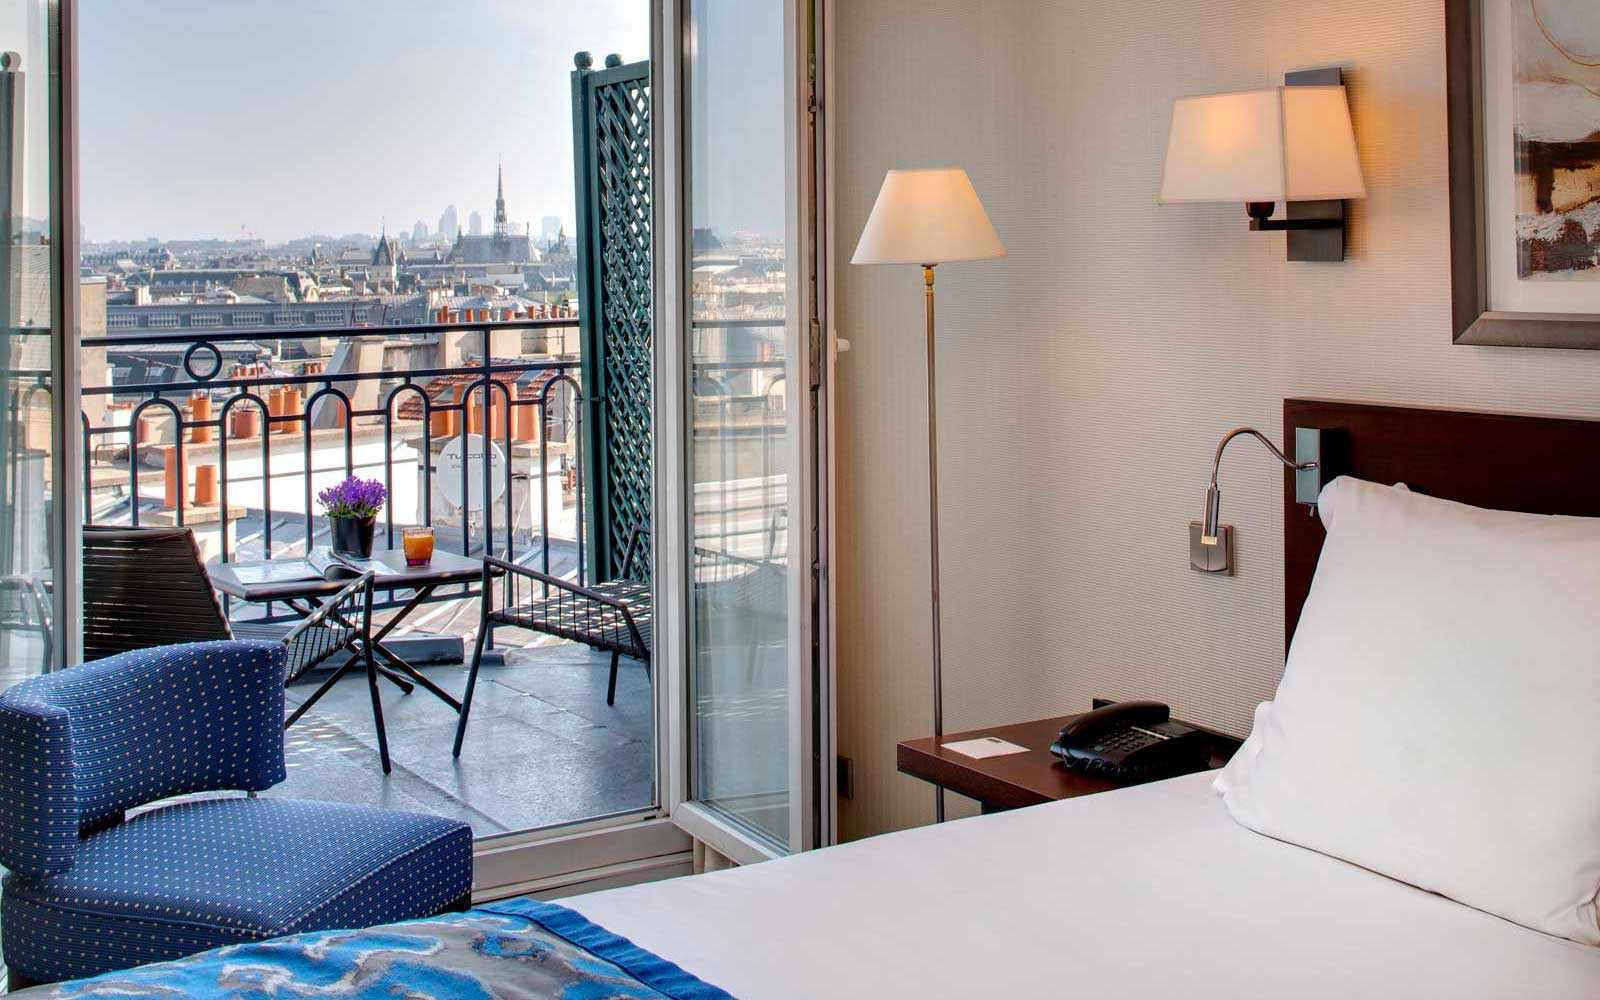 Hotel Le Sénat, room with views, Paris